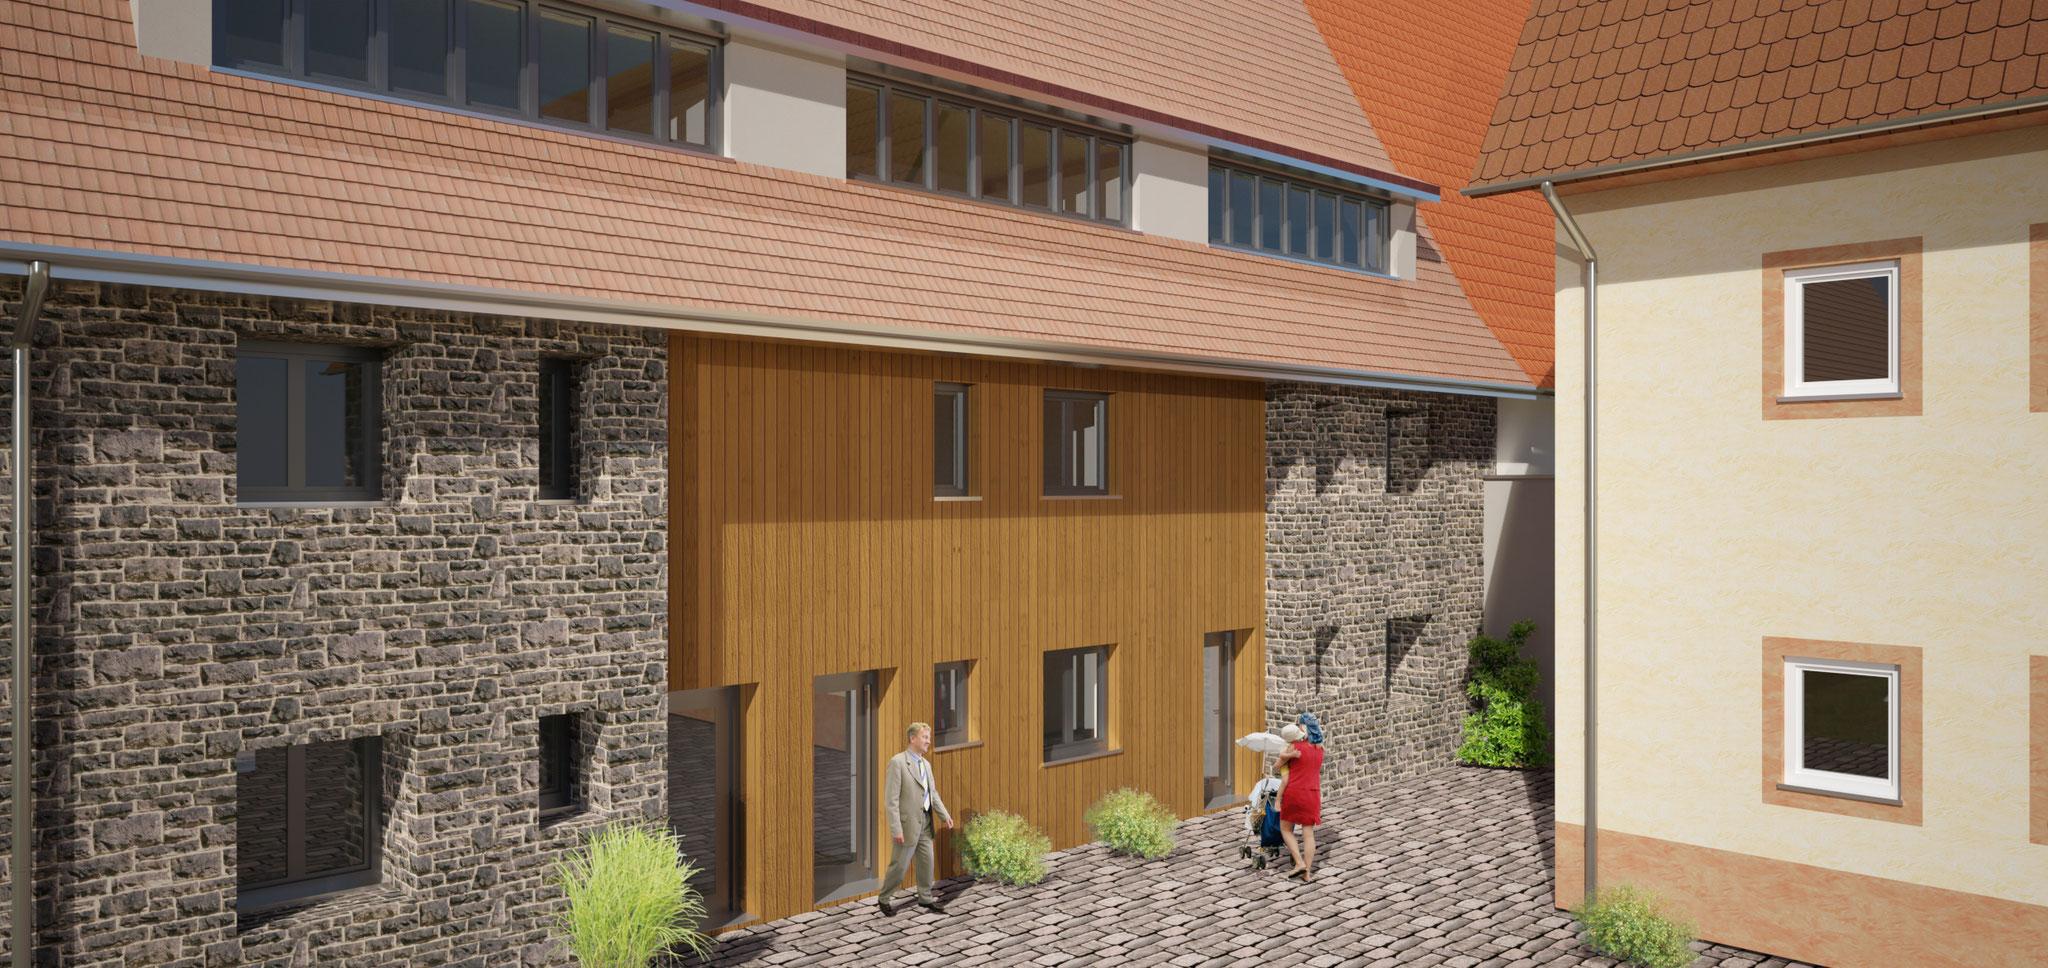 Seckenheim, 3 Reihenhäuser mit Hof, contura GmbH